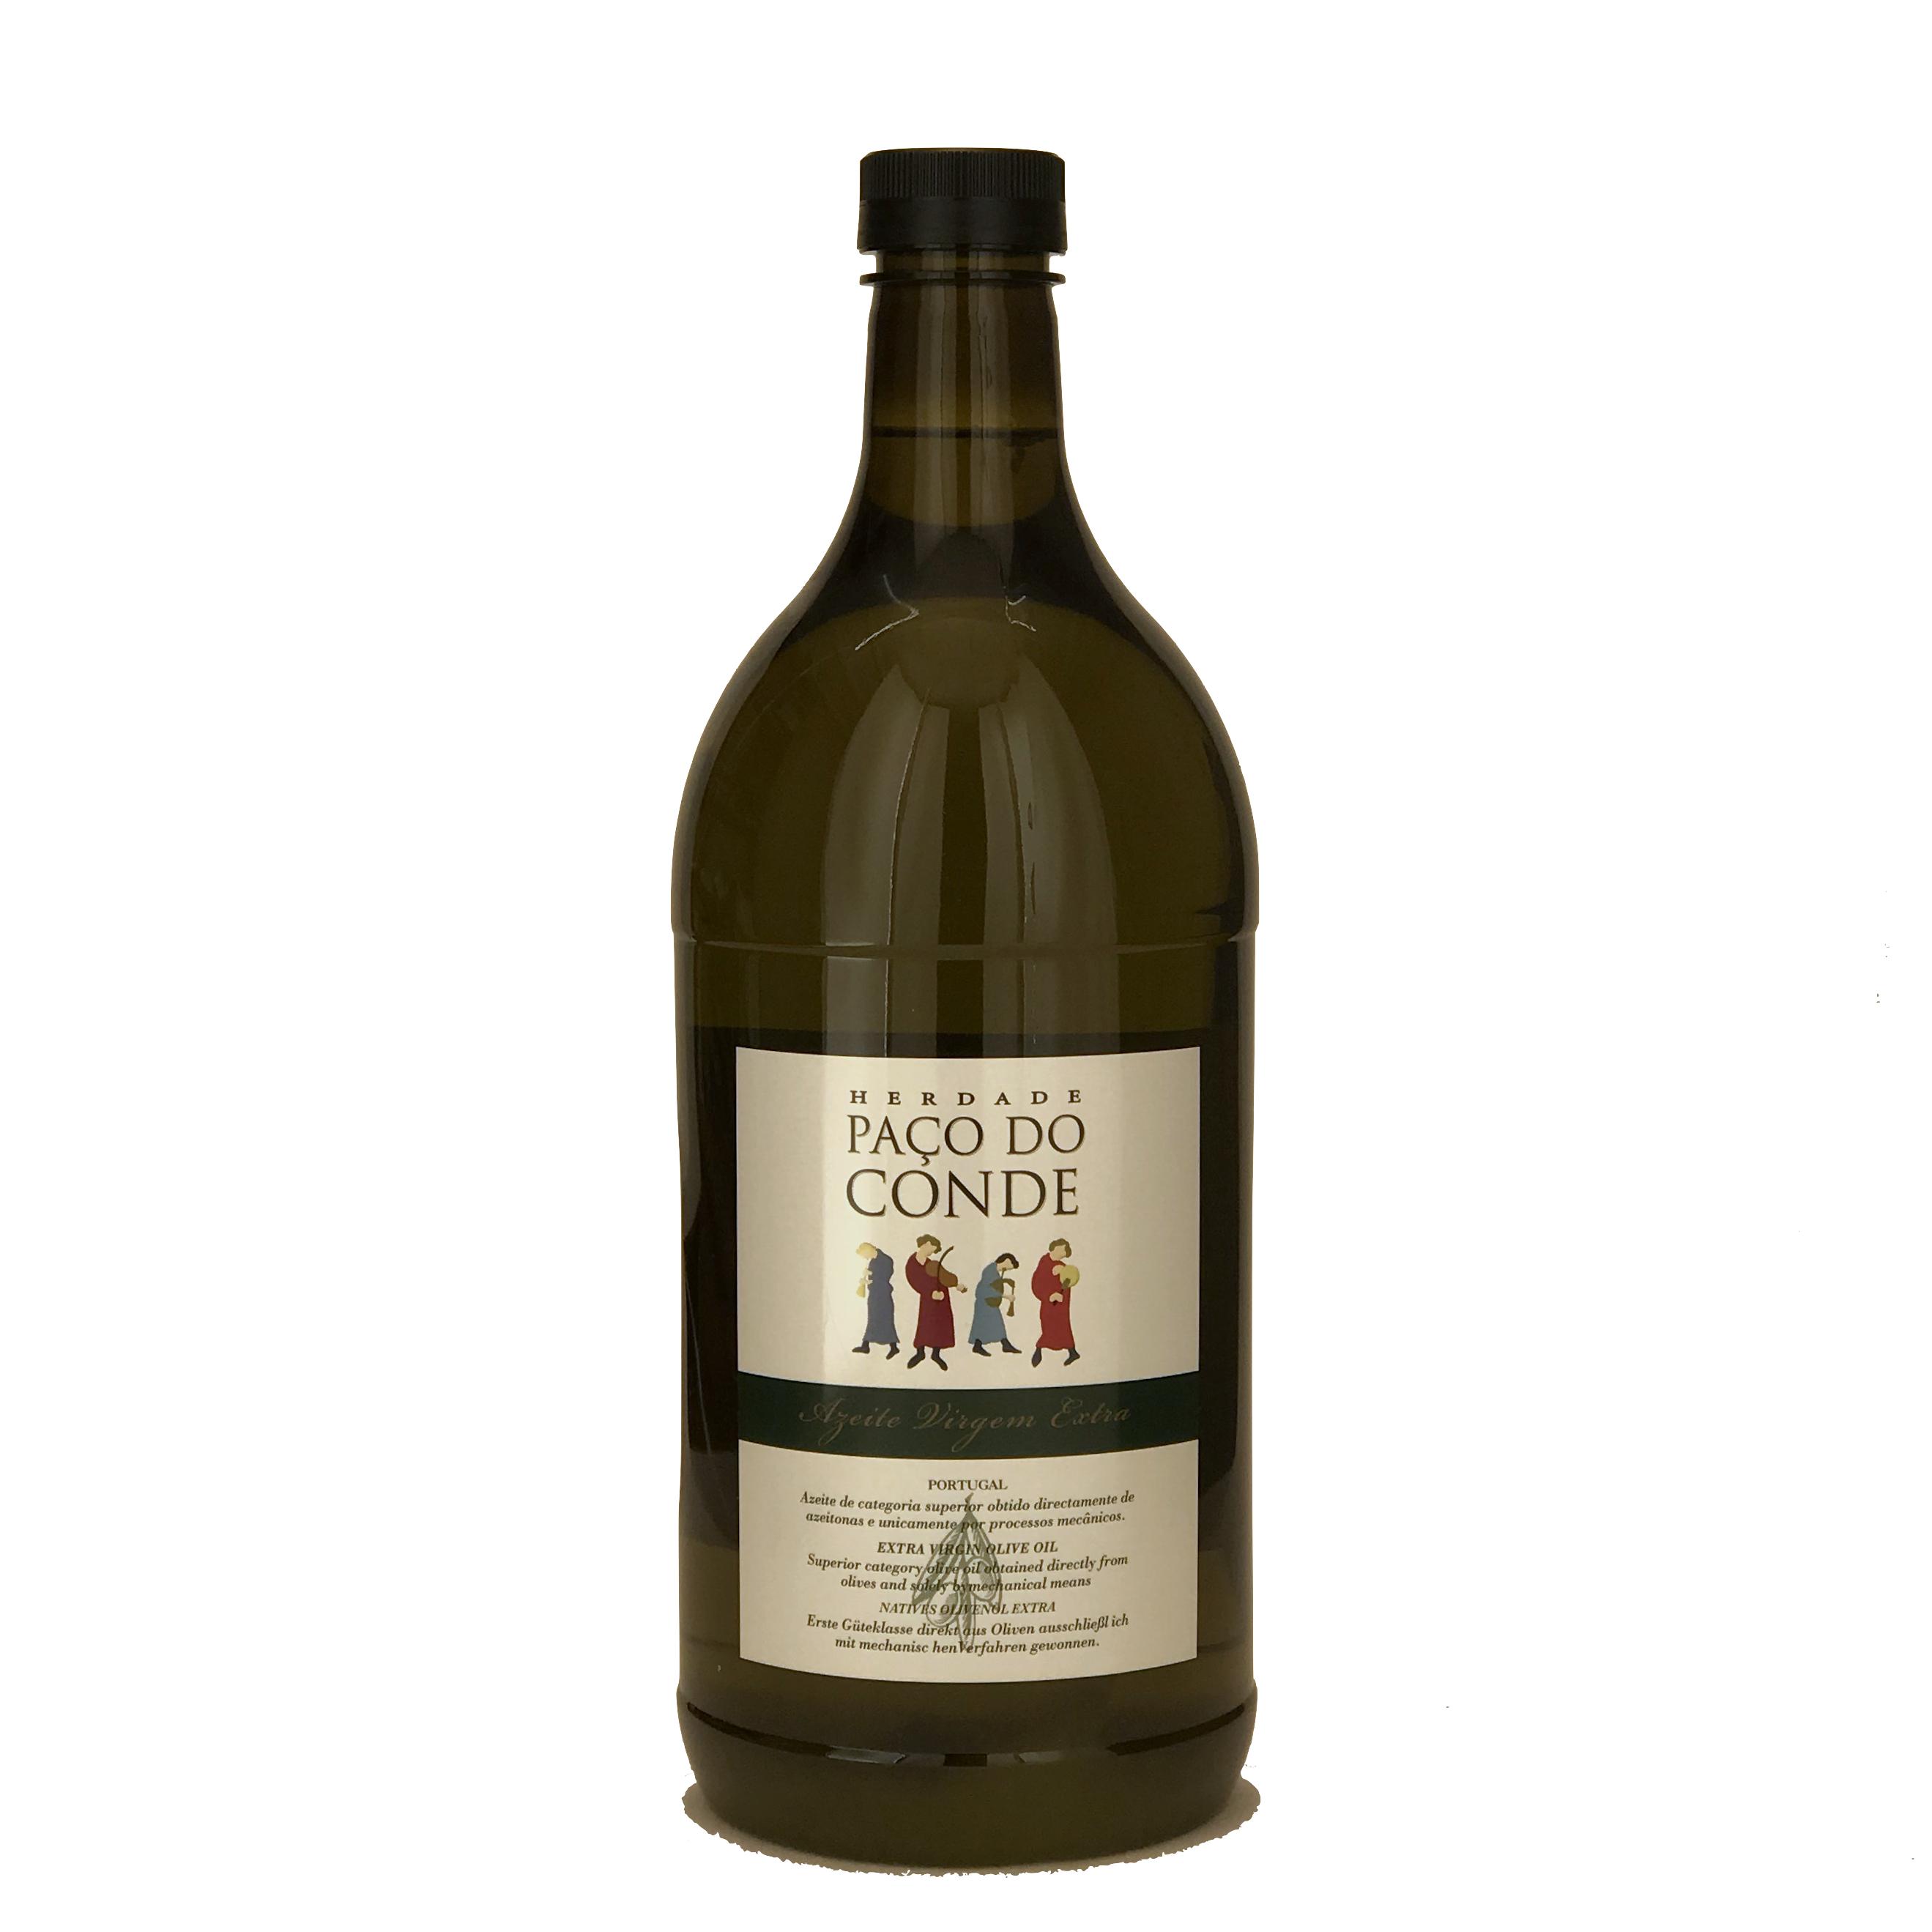 natives Olivenöl extra vergine aus Portugal - Paço do Conde